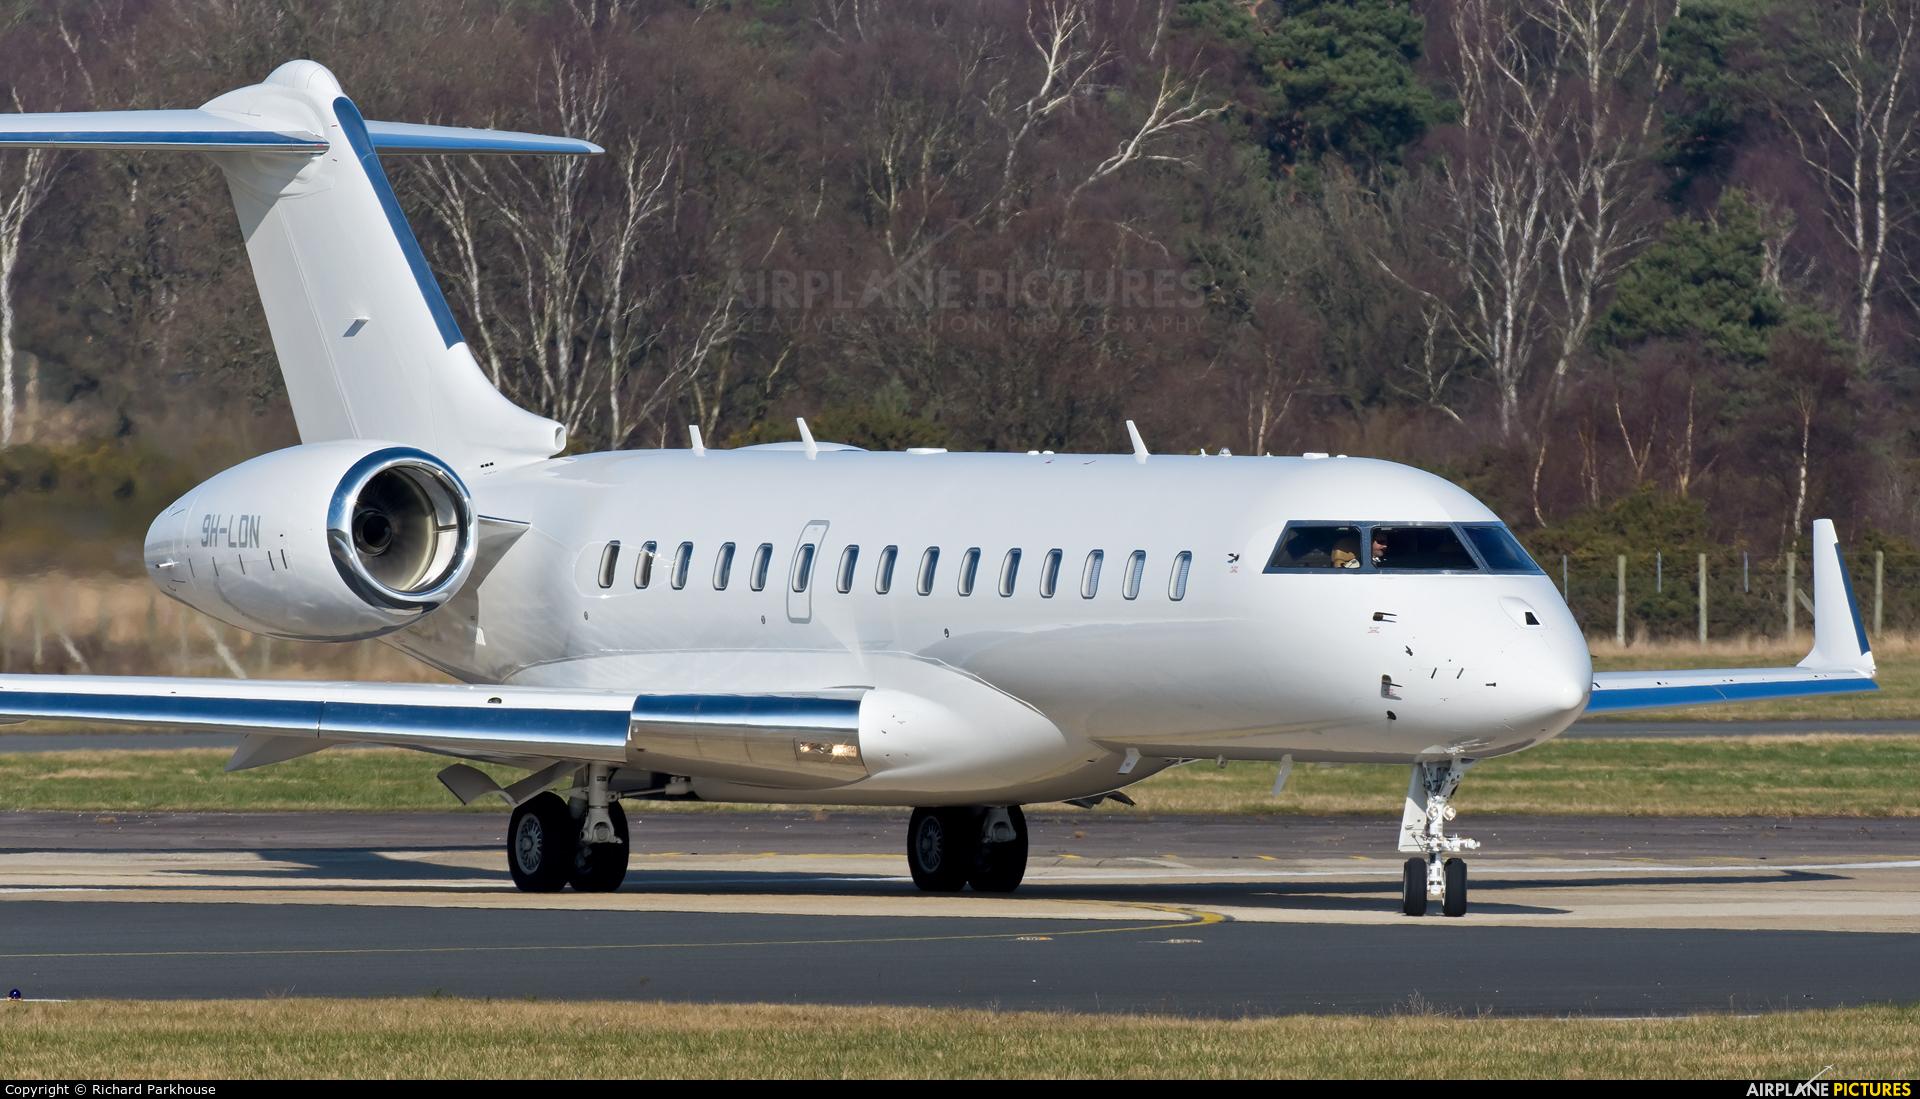 TAG Aviation 9H-LDN aircraft at Farnborough